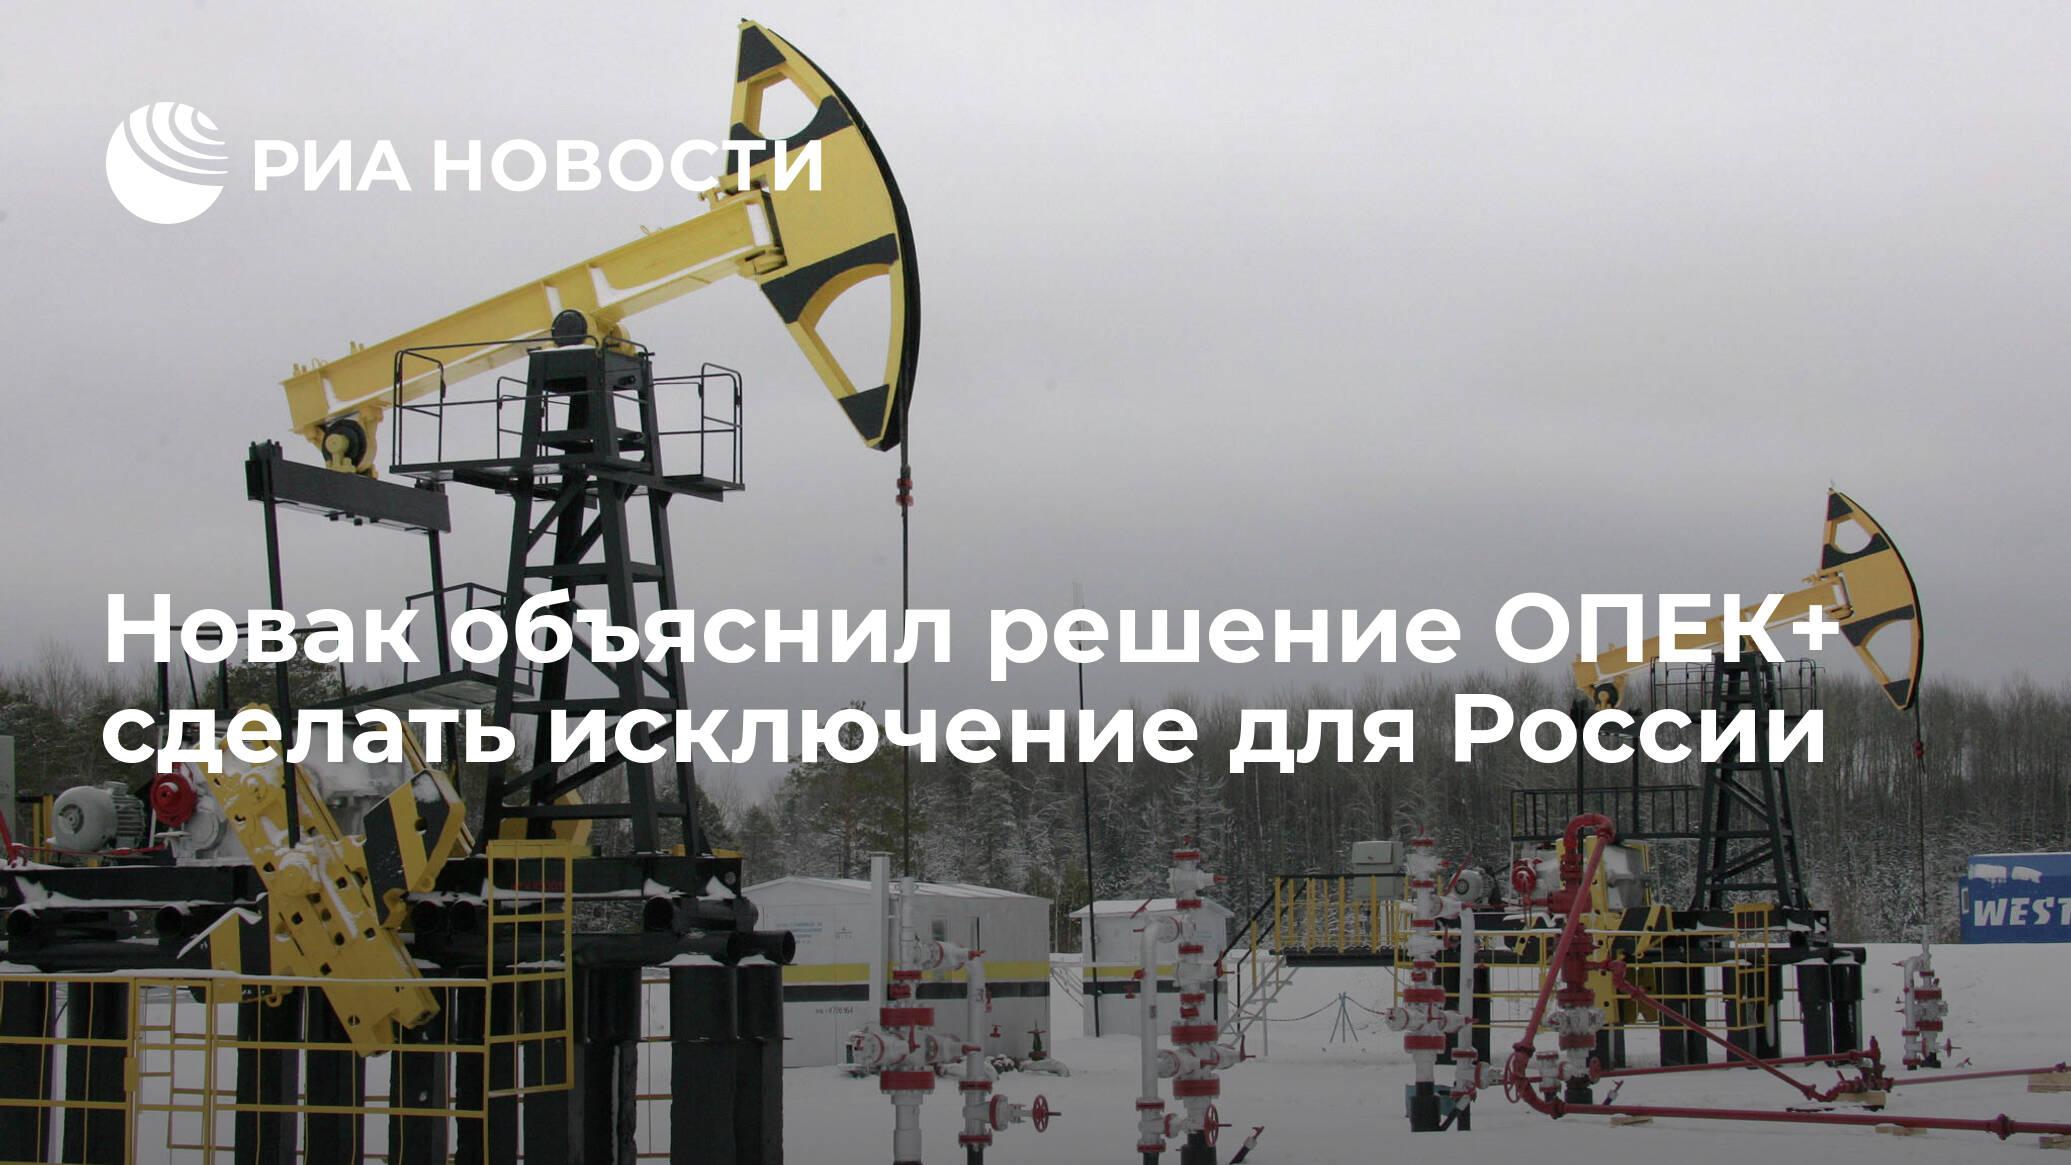 Новак объяснил решение ОПЕК+ сделать исключение для России - РИА НОВОСТИ